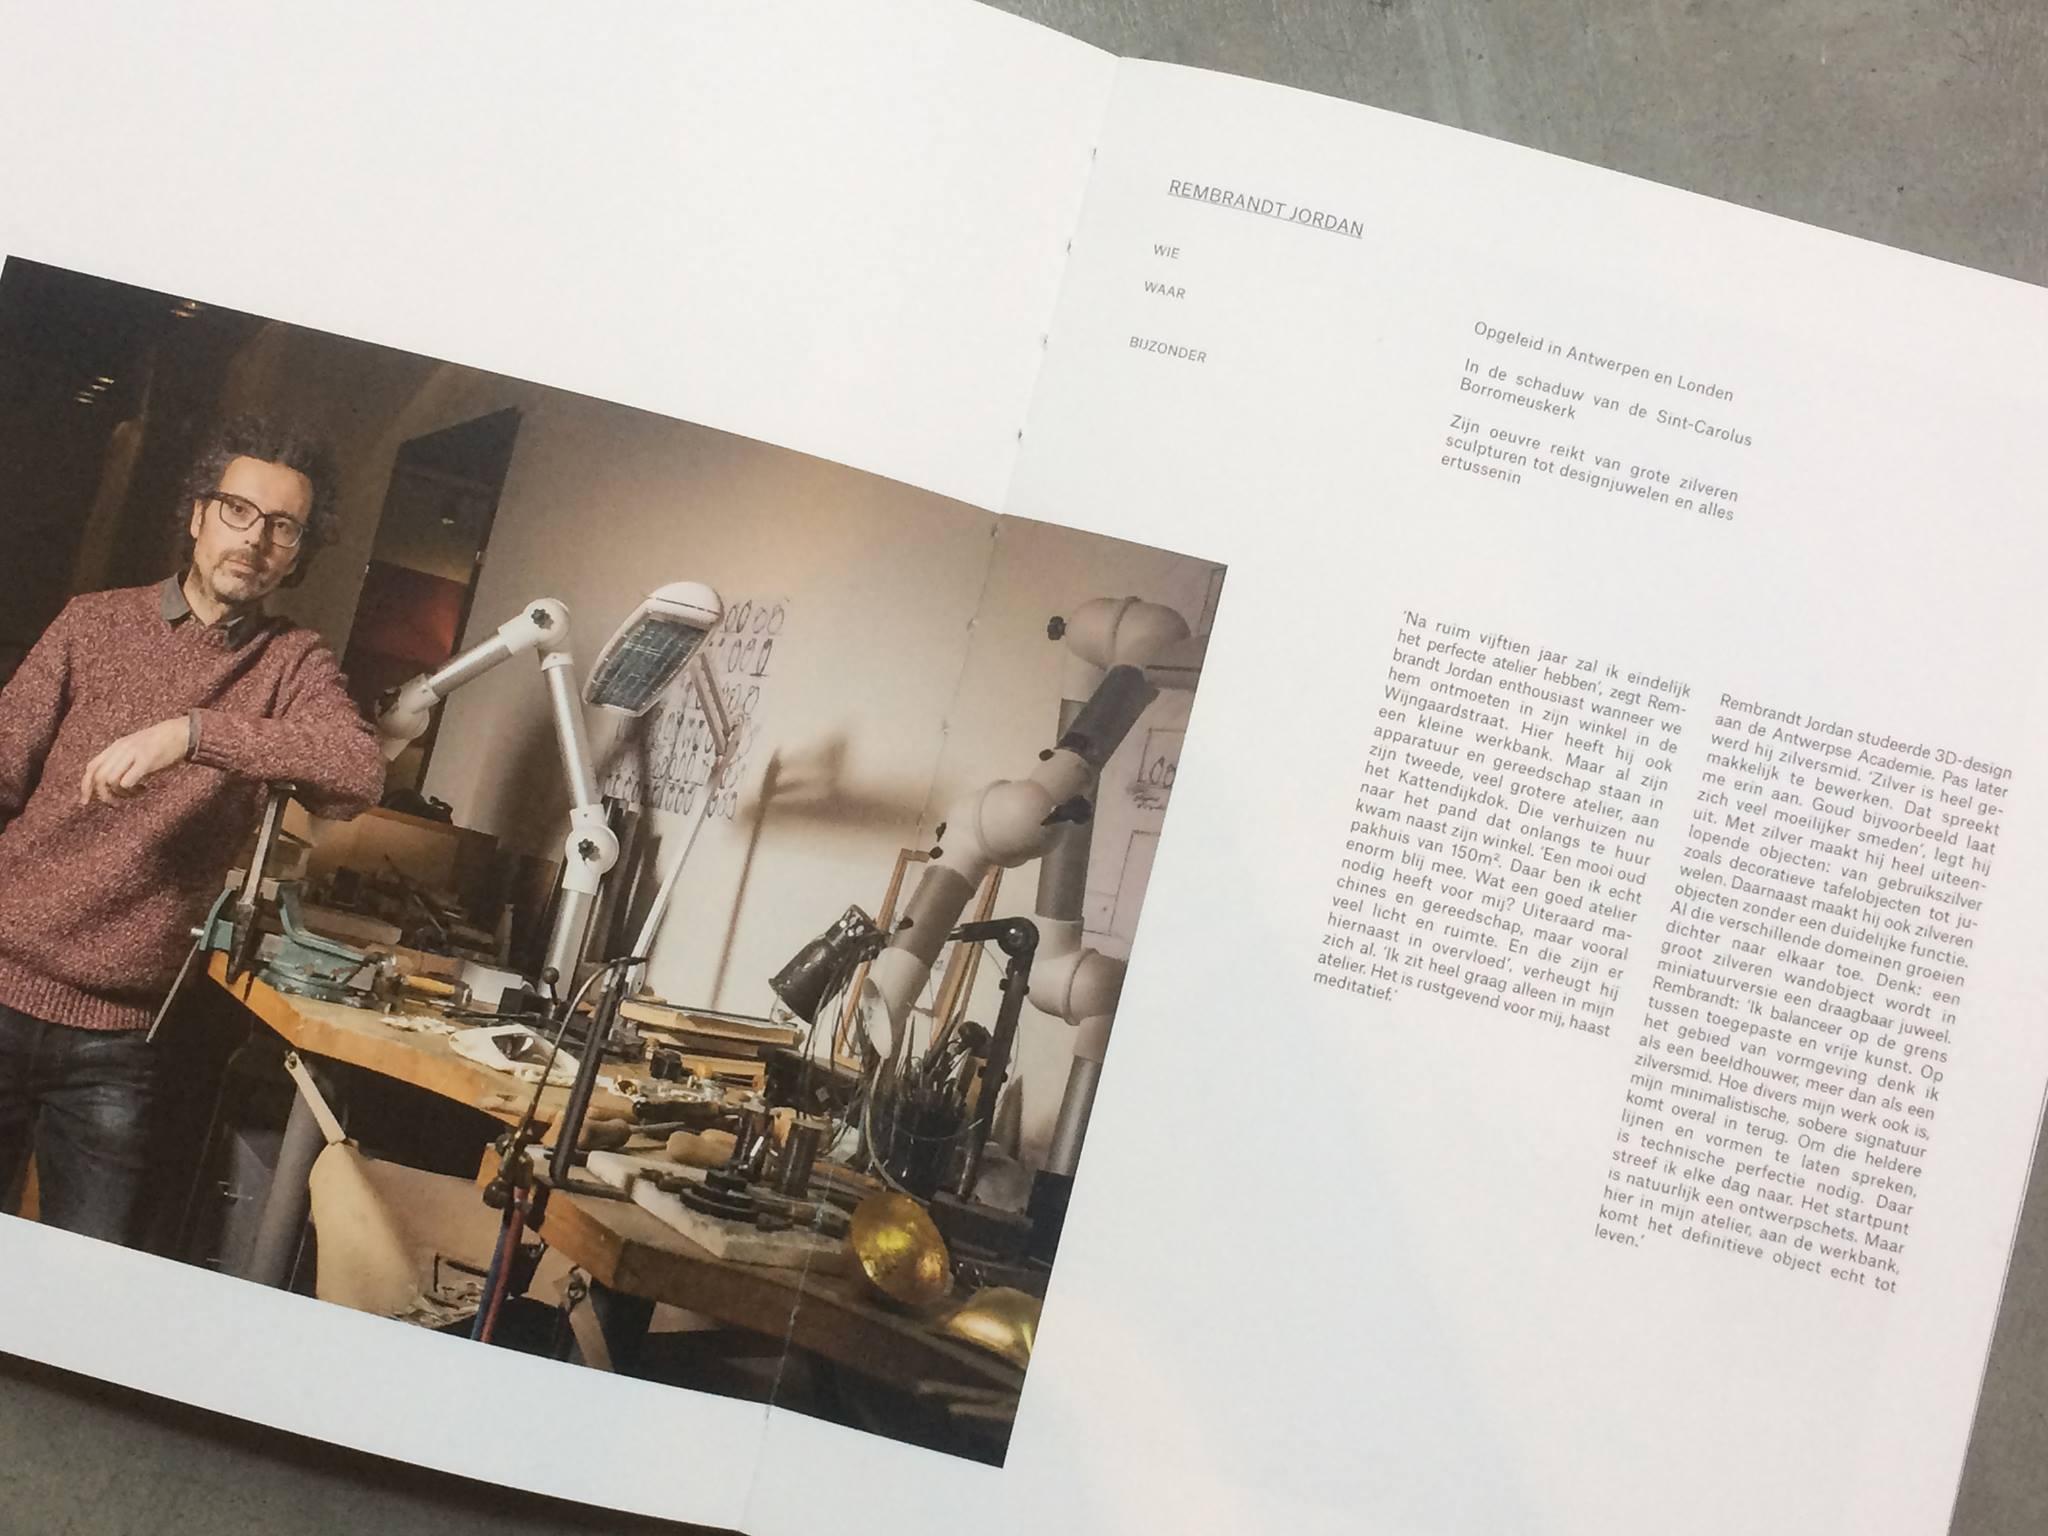 DIVA museum edelsmeedkunst diamant juwelenontwerper Rembrandt Jordan